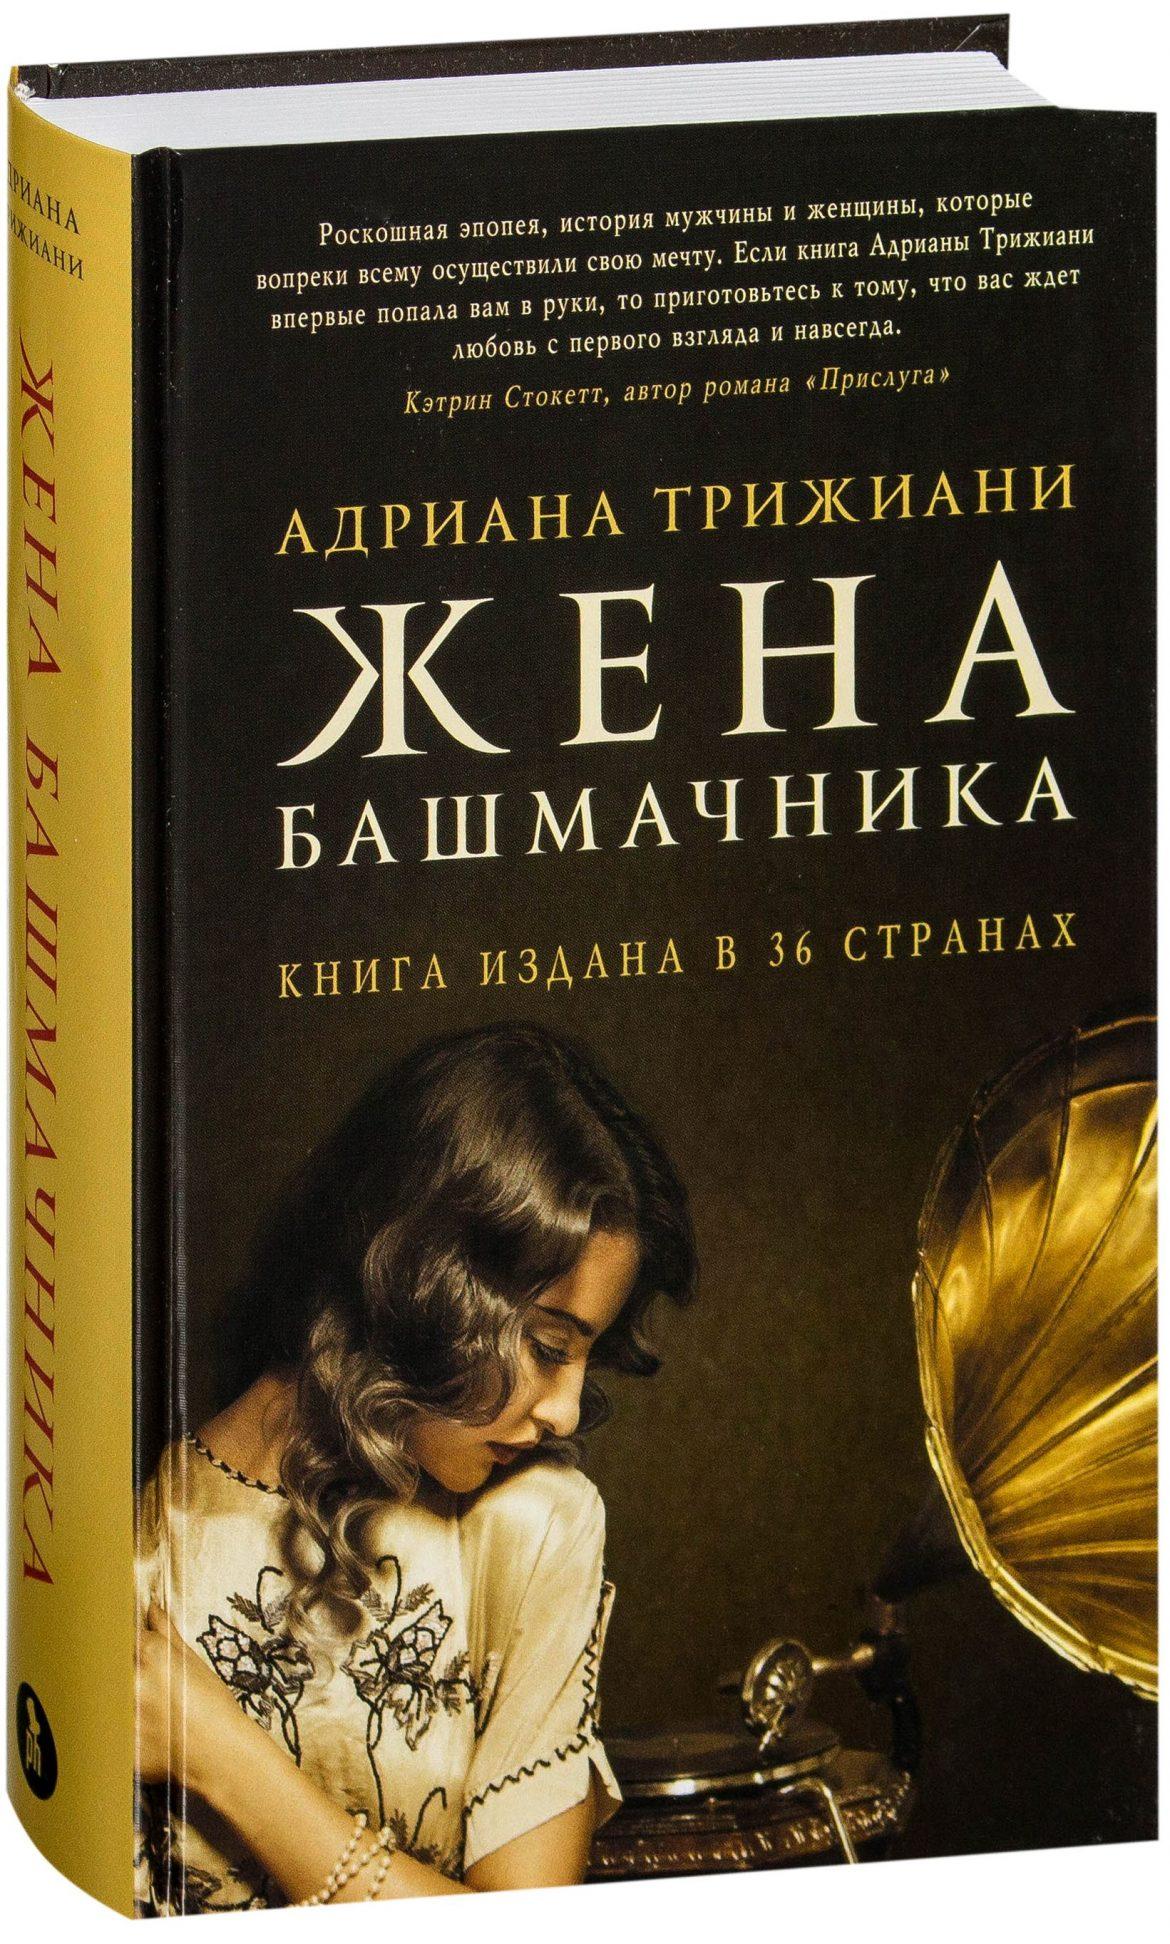 Жена башмачника — Адриана Трижиани